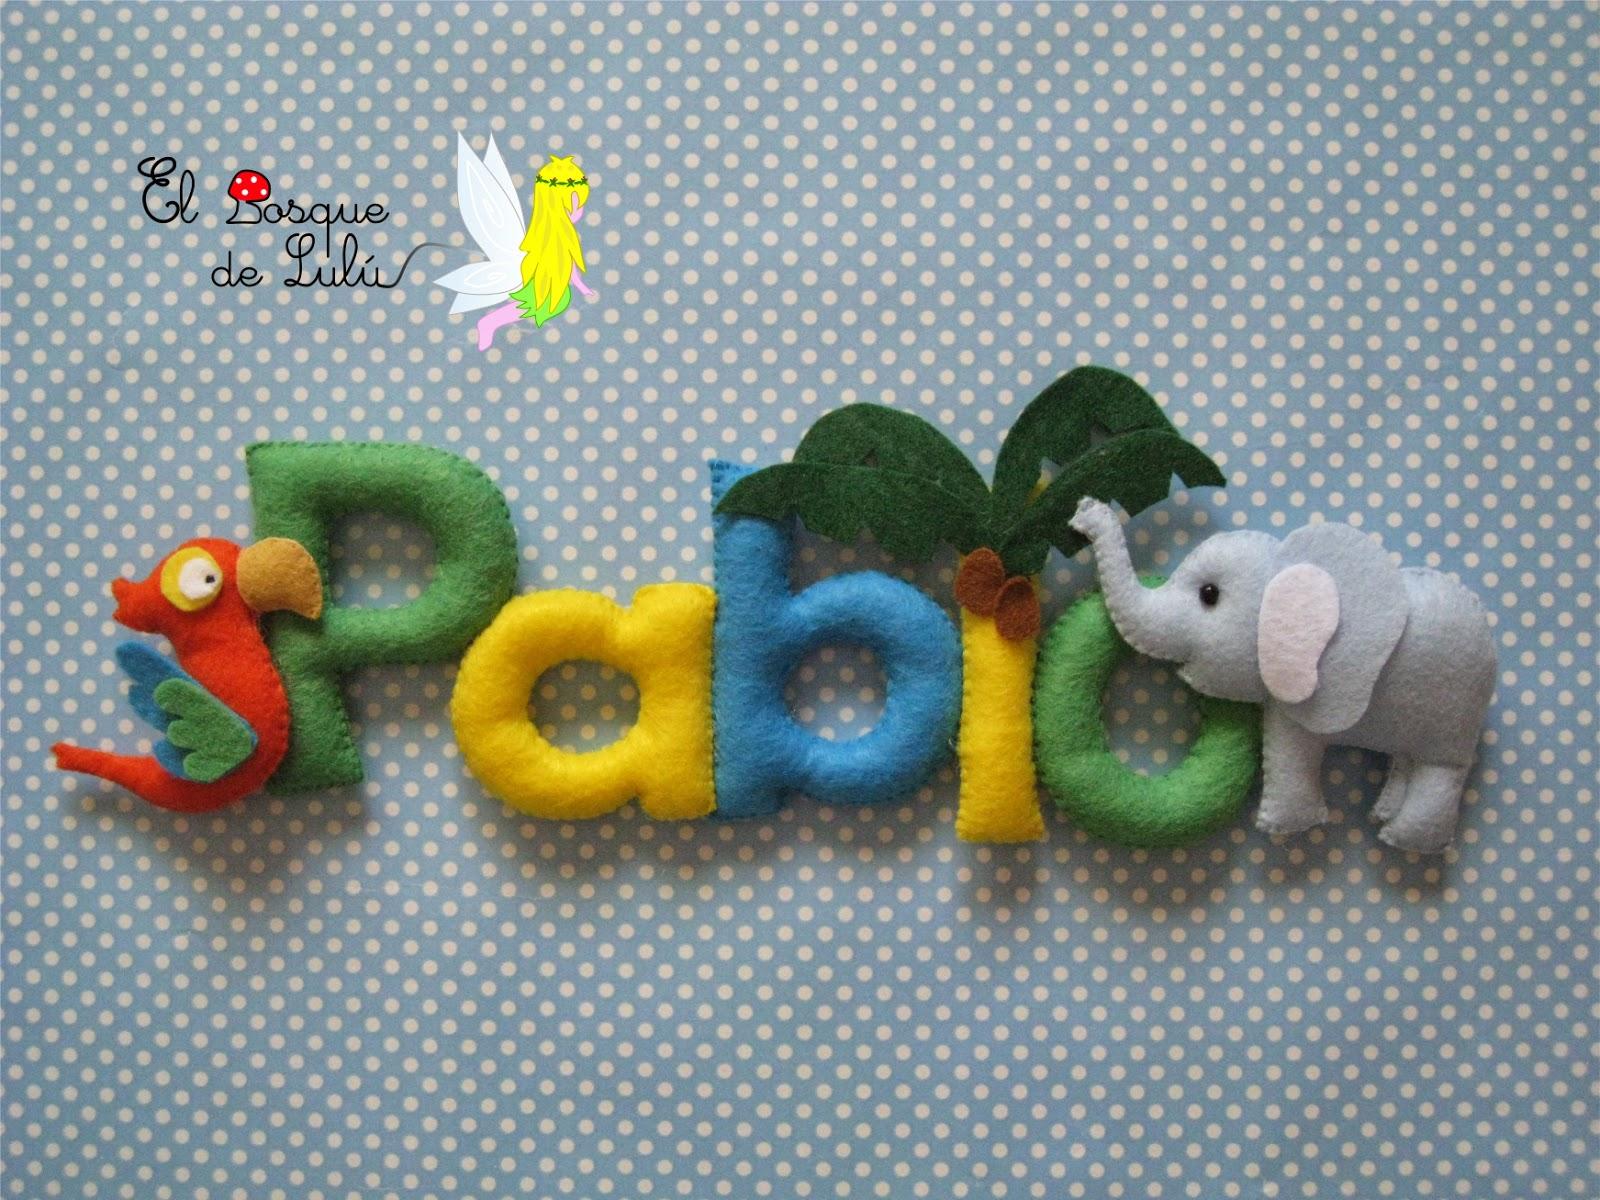 nombre-fieltro-decoracion-infantil-regalo-nacimiento-bebe-Pablo-animales